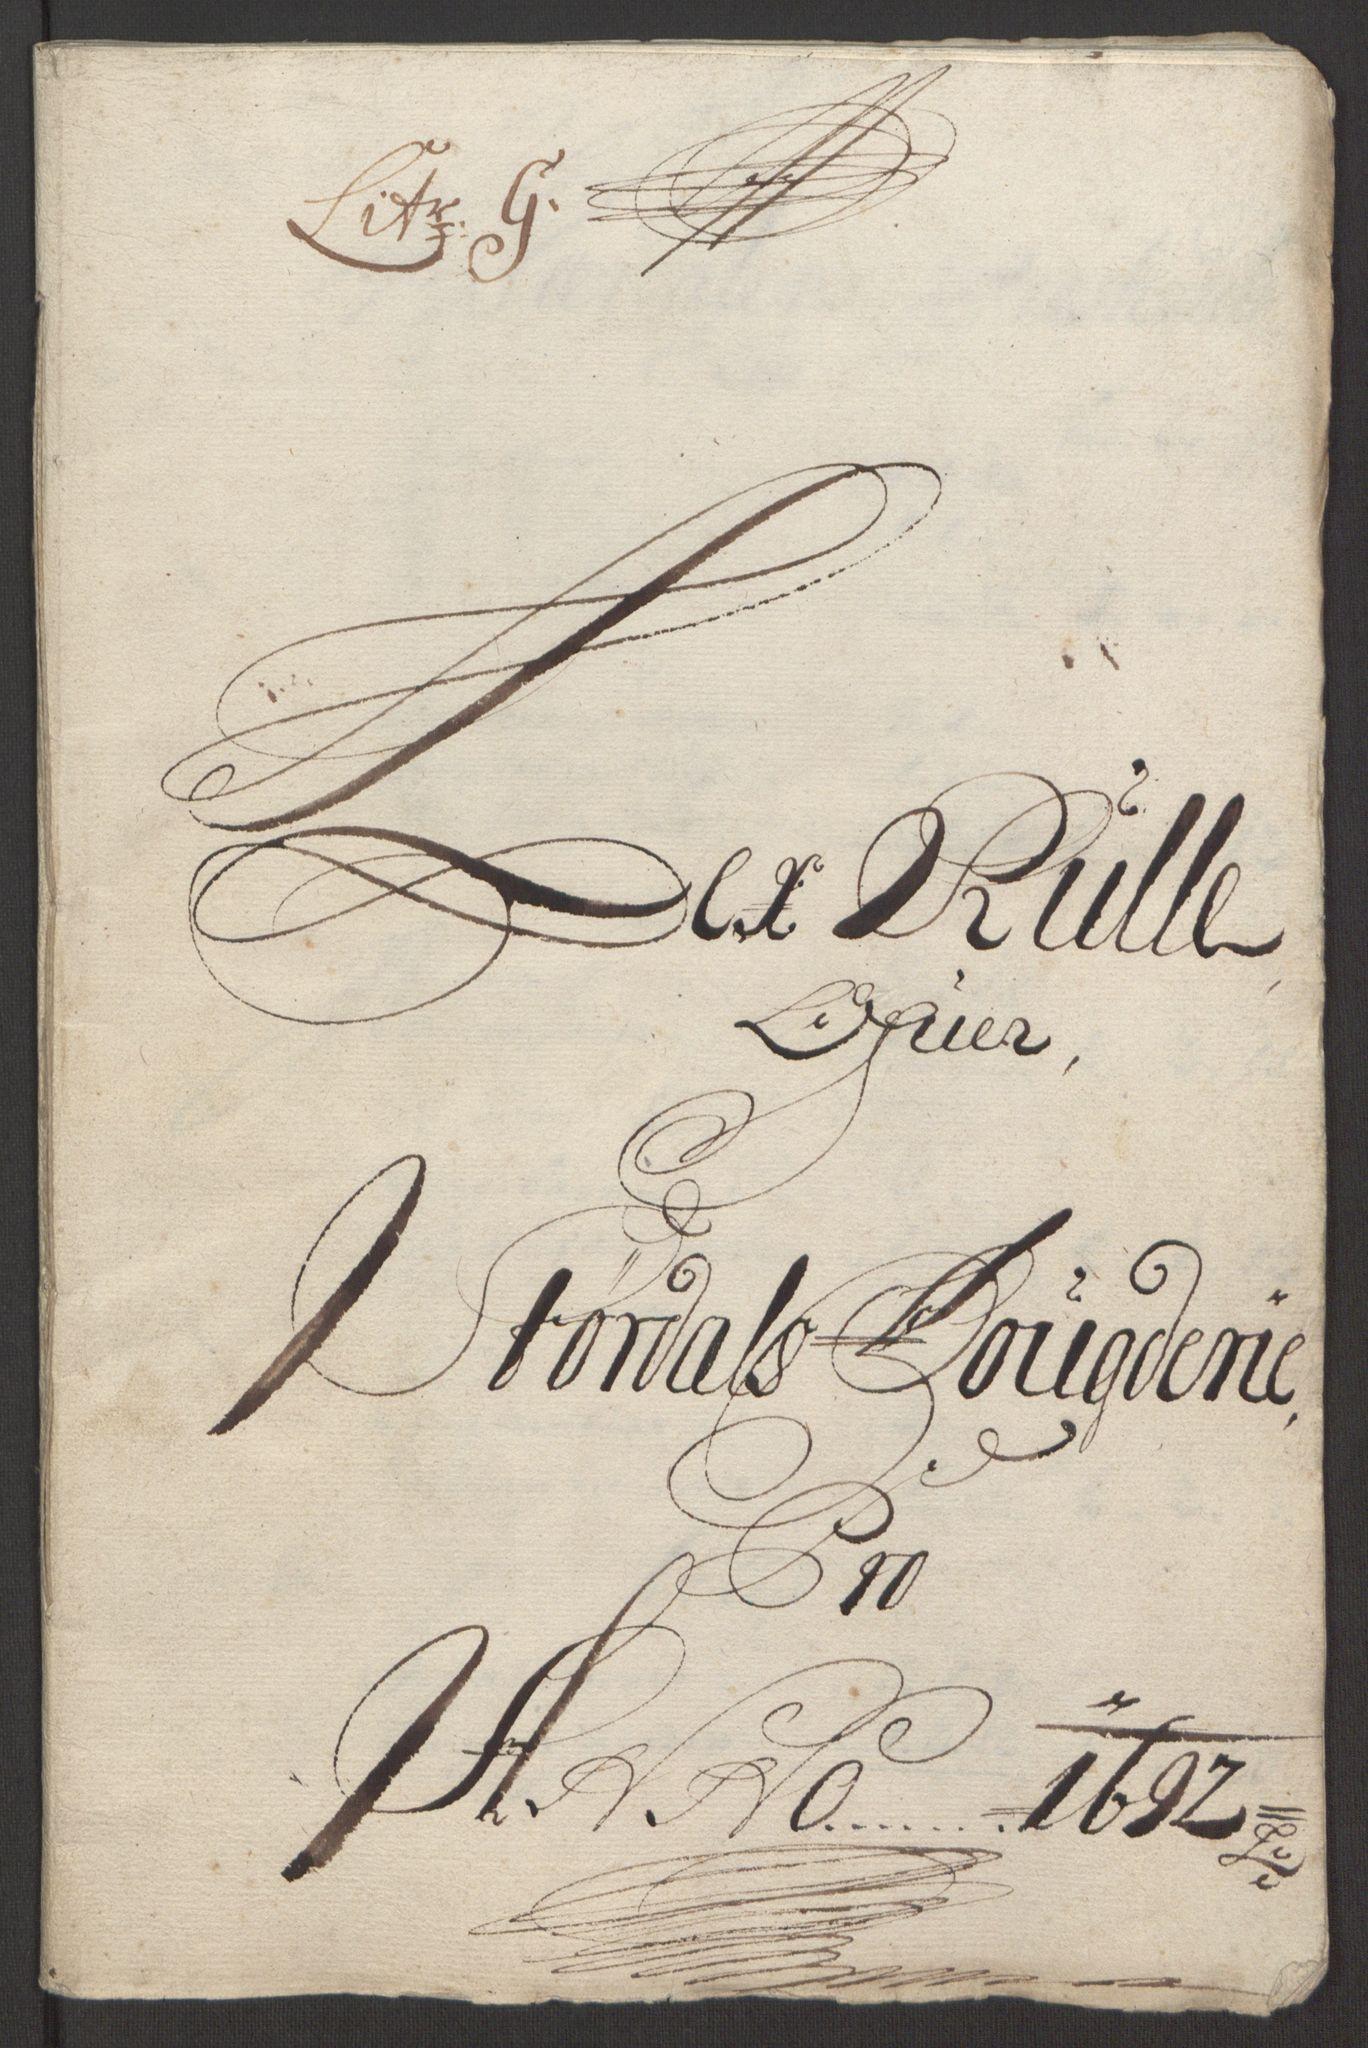 RA, Rentekammeret inntil 1814, Reviderte regnskaper, Fogderegnskap, R62/L4185: Fogderegnskap Stjørdal og Verdal, 1692, s. 113